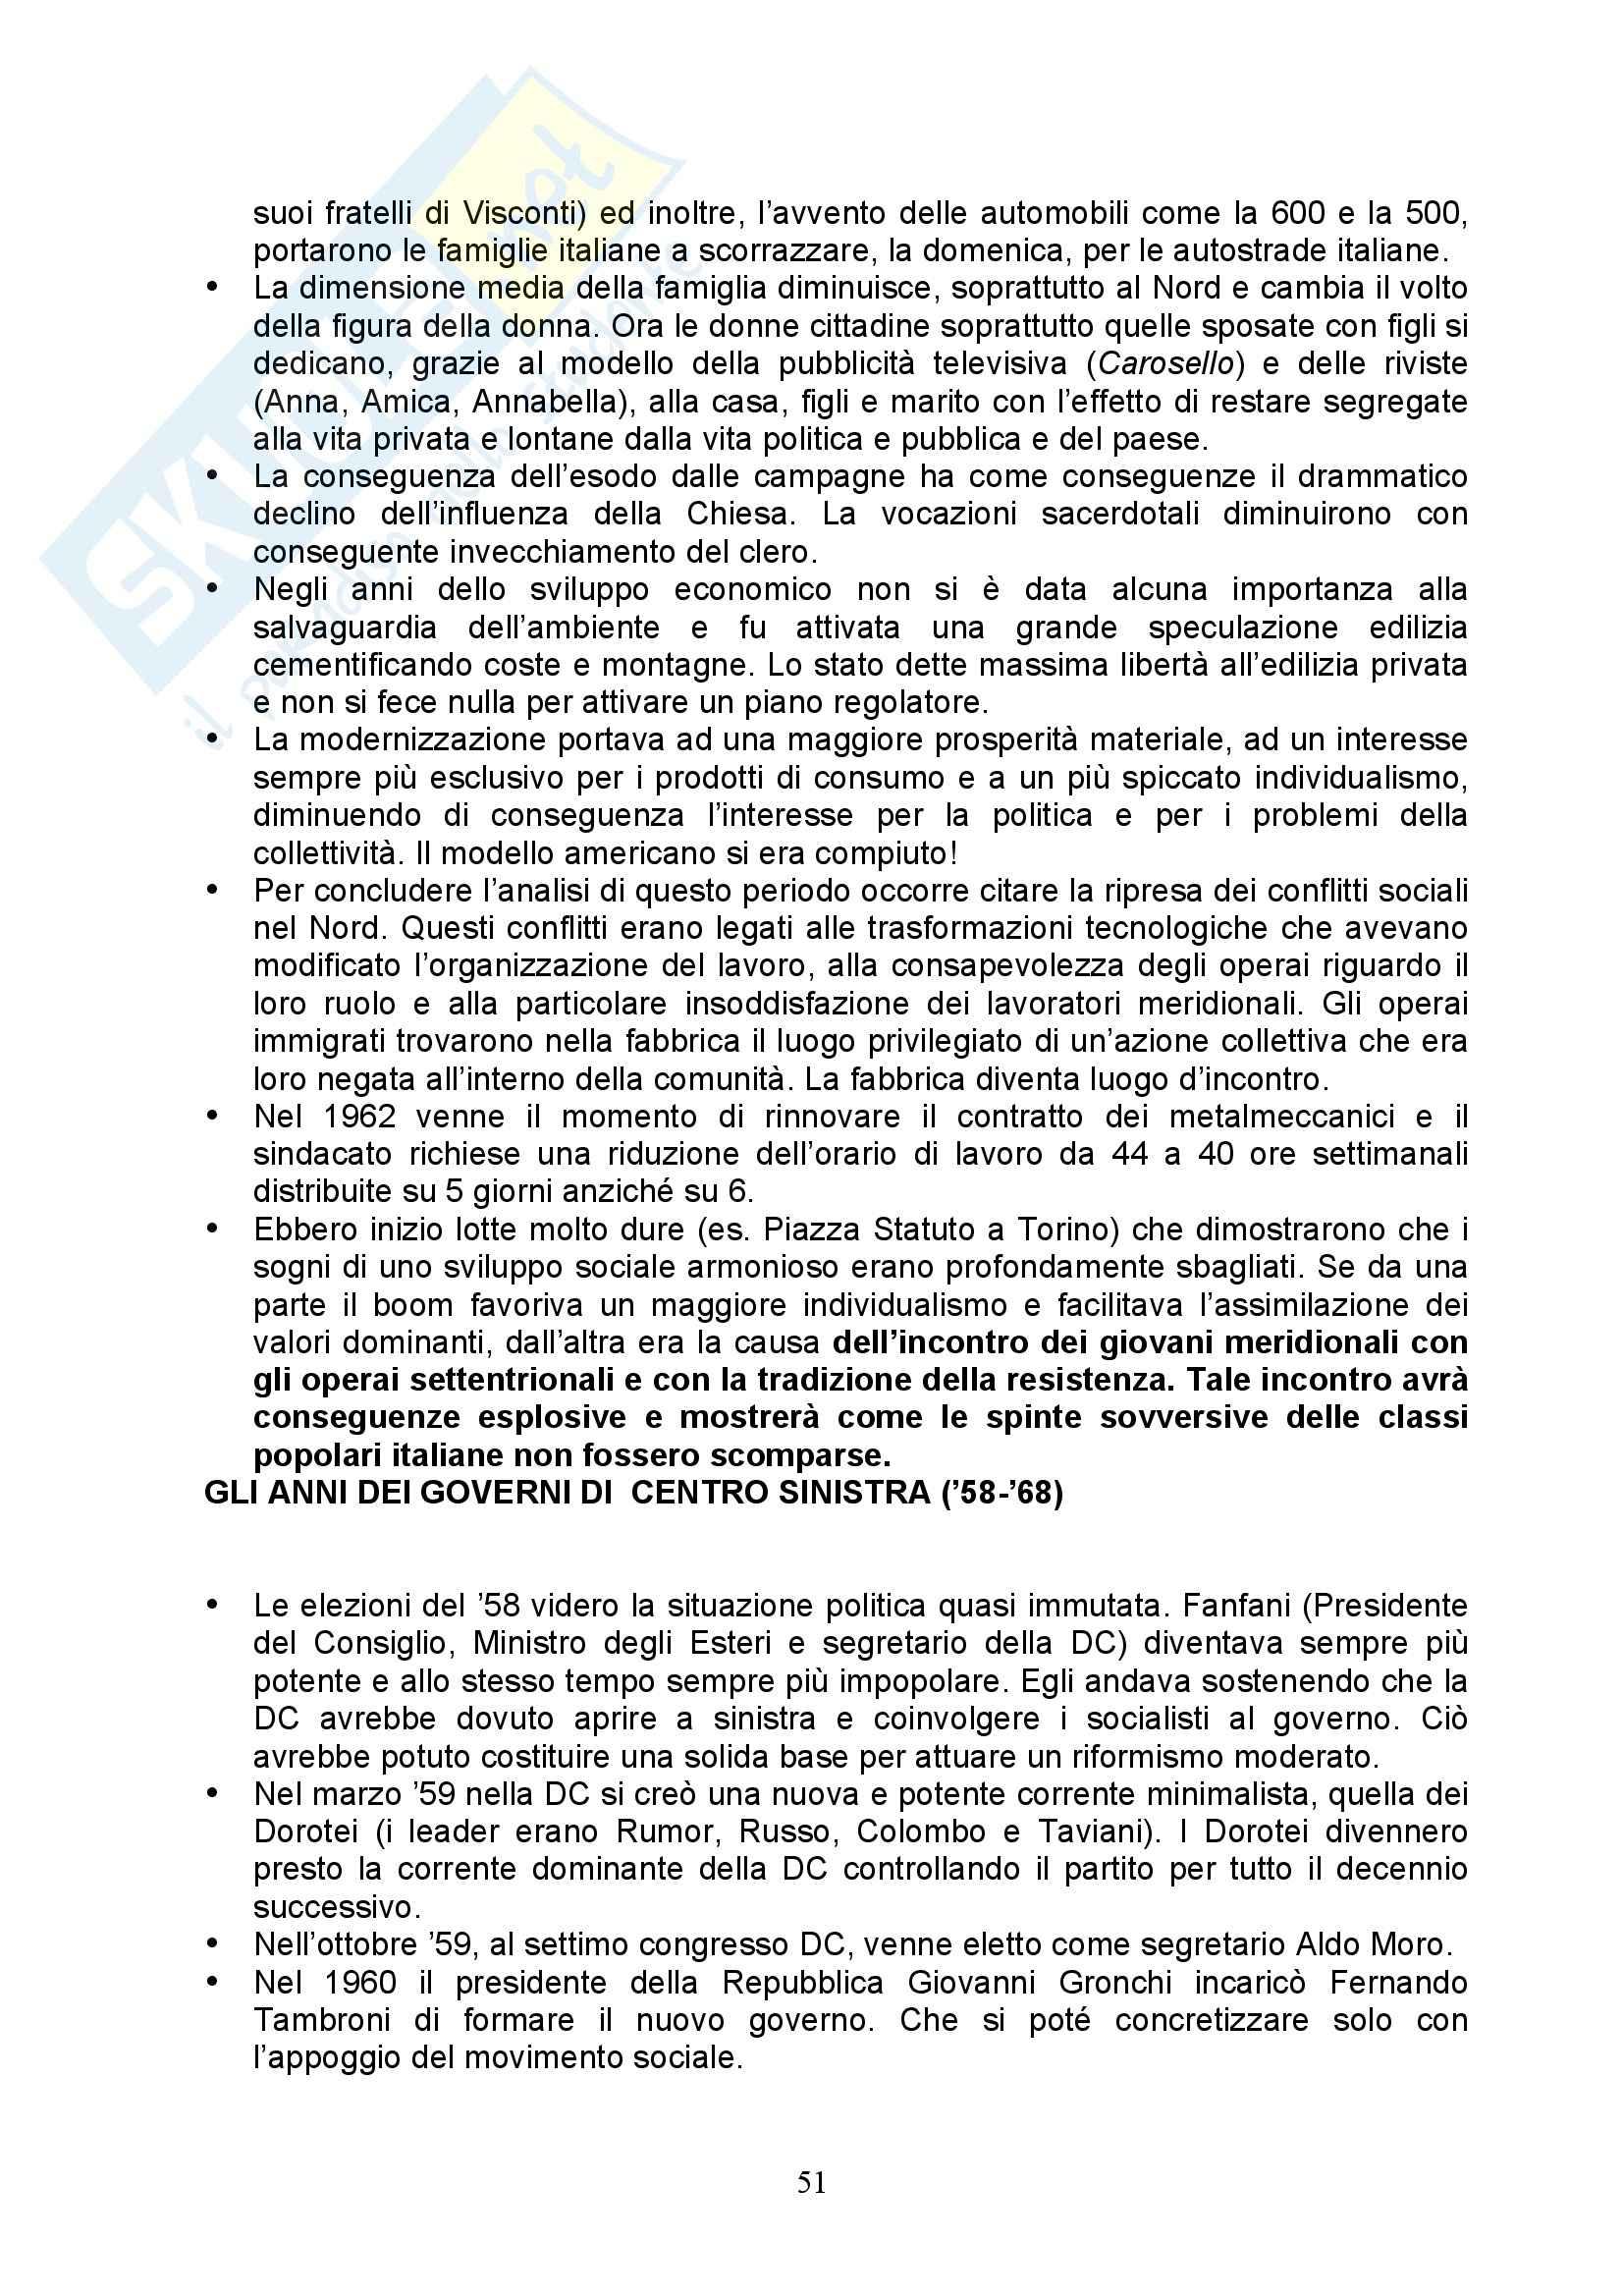 Storia Contemporanea - Italia nell'800 e 900 Pag. 51